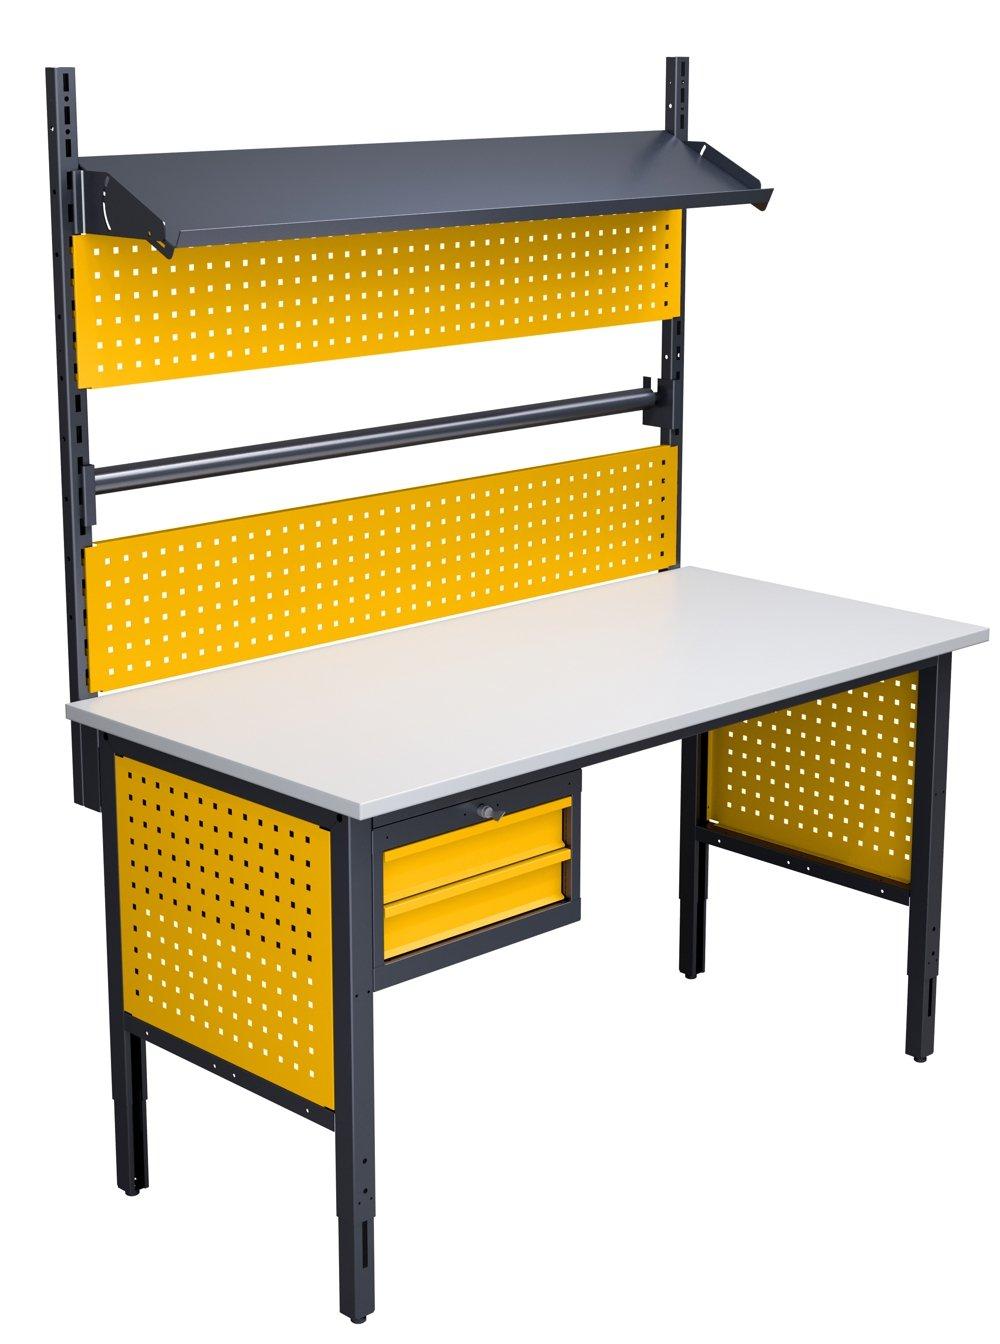 Stół do pakowania z szufladami, uchwytem na papier i nadbudową w kolorze RAL